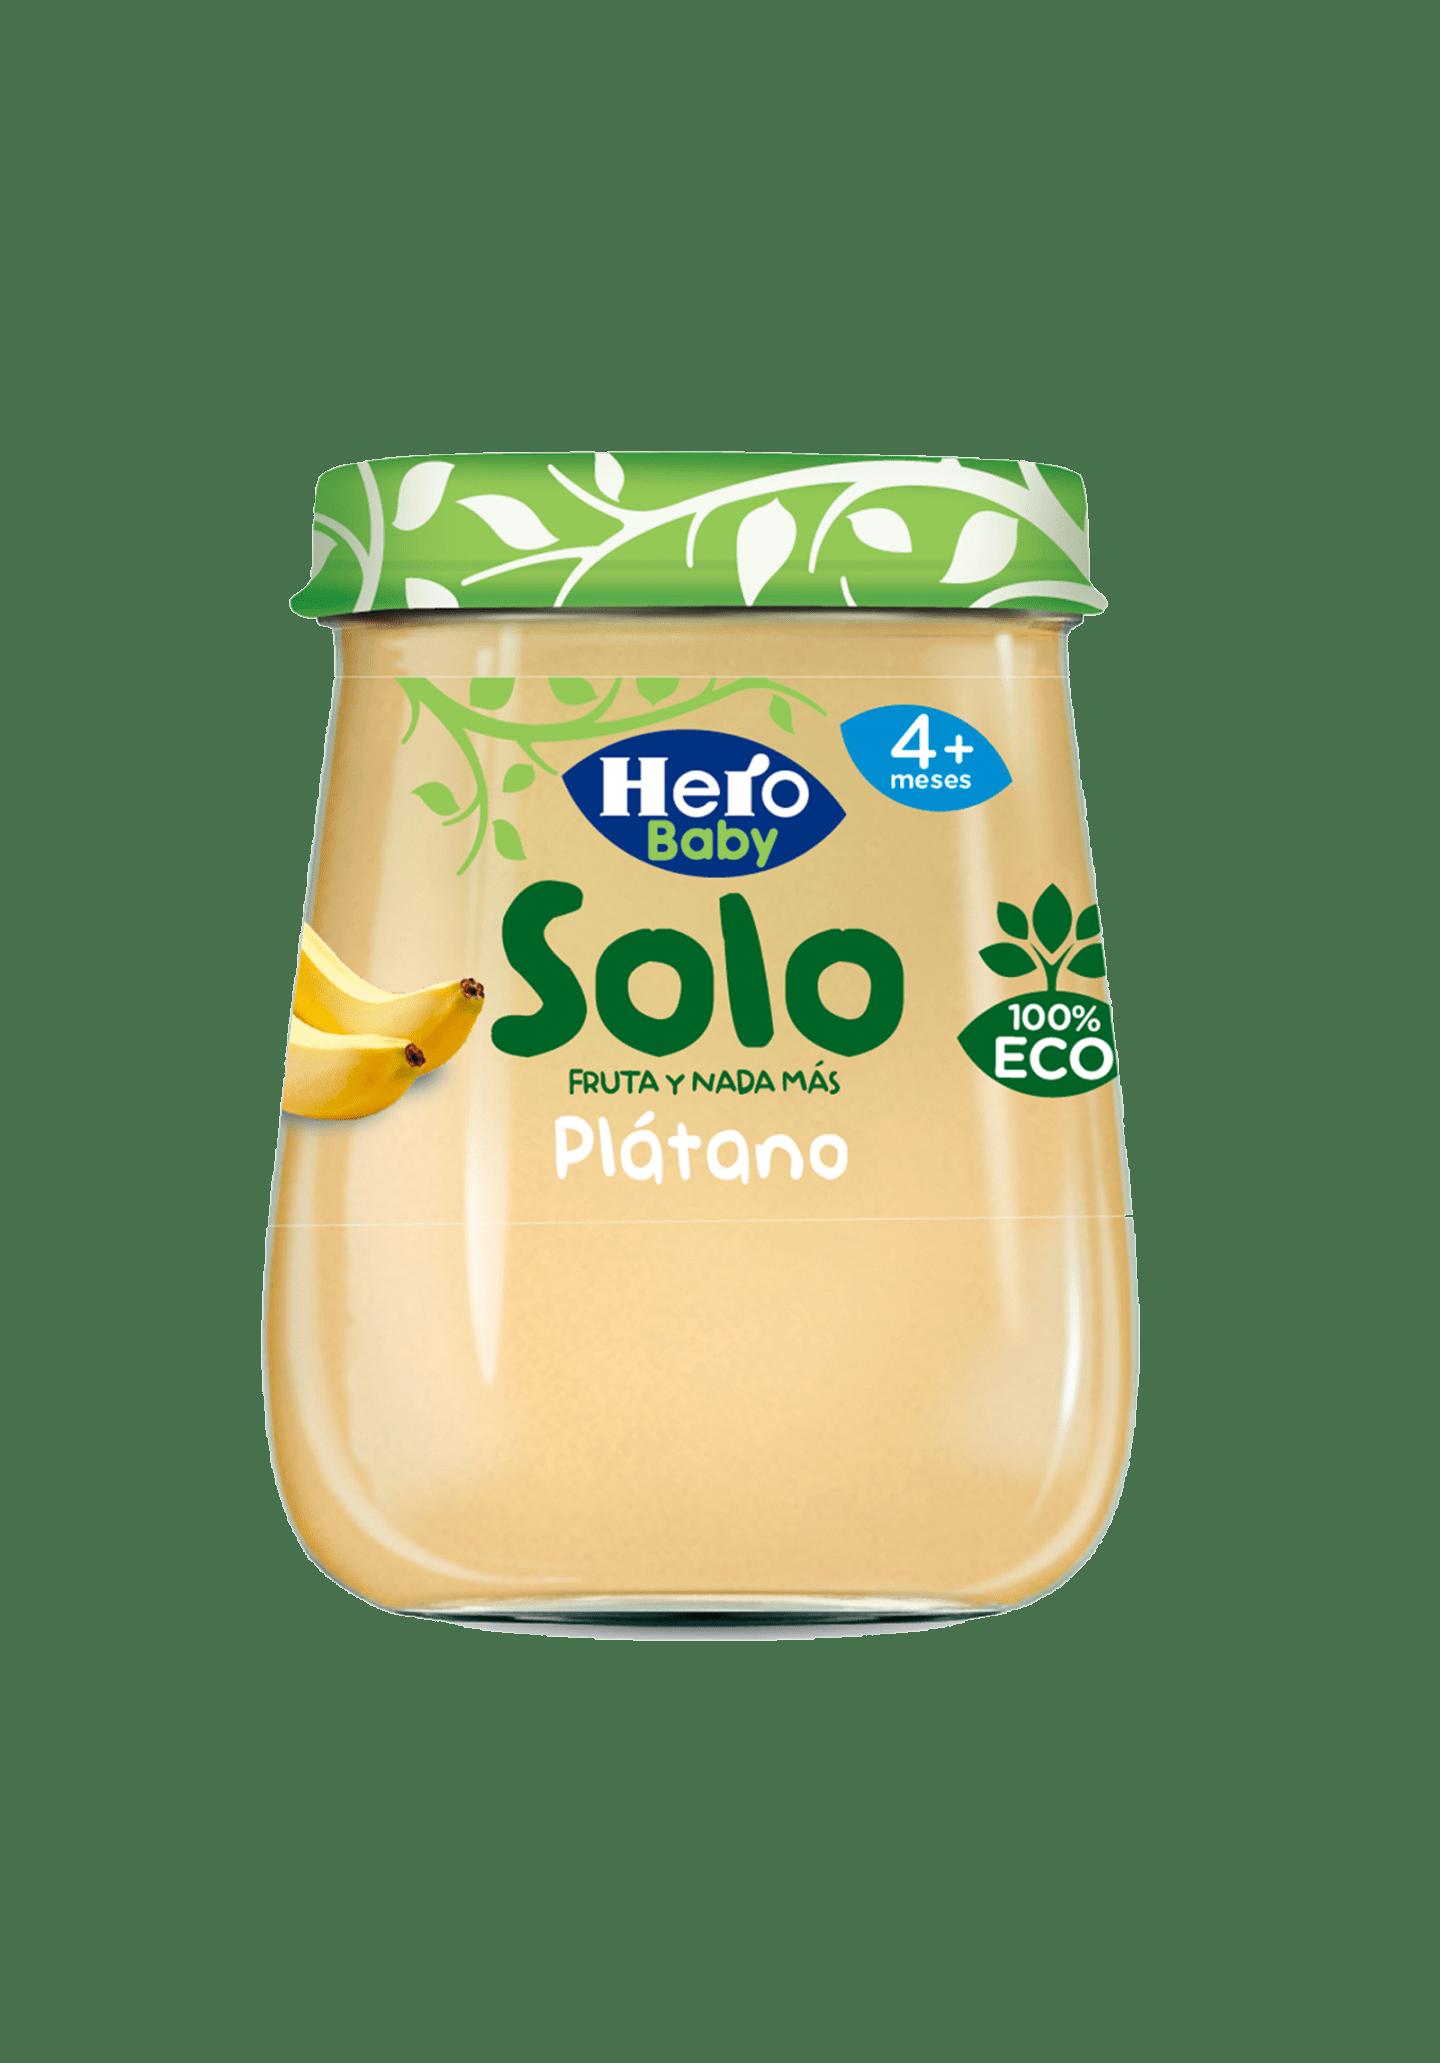 Tarrito Puré Ecológico Plátano